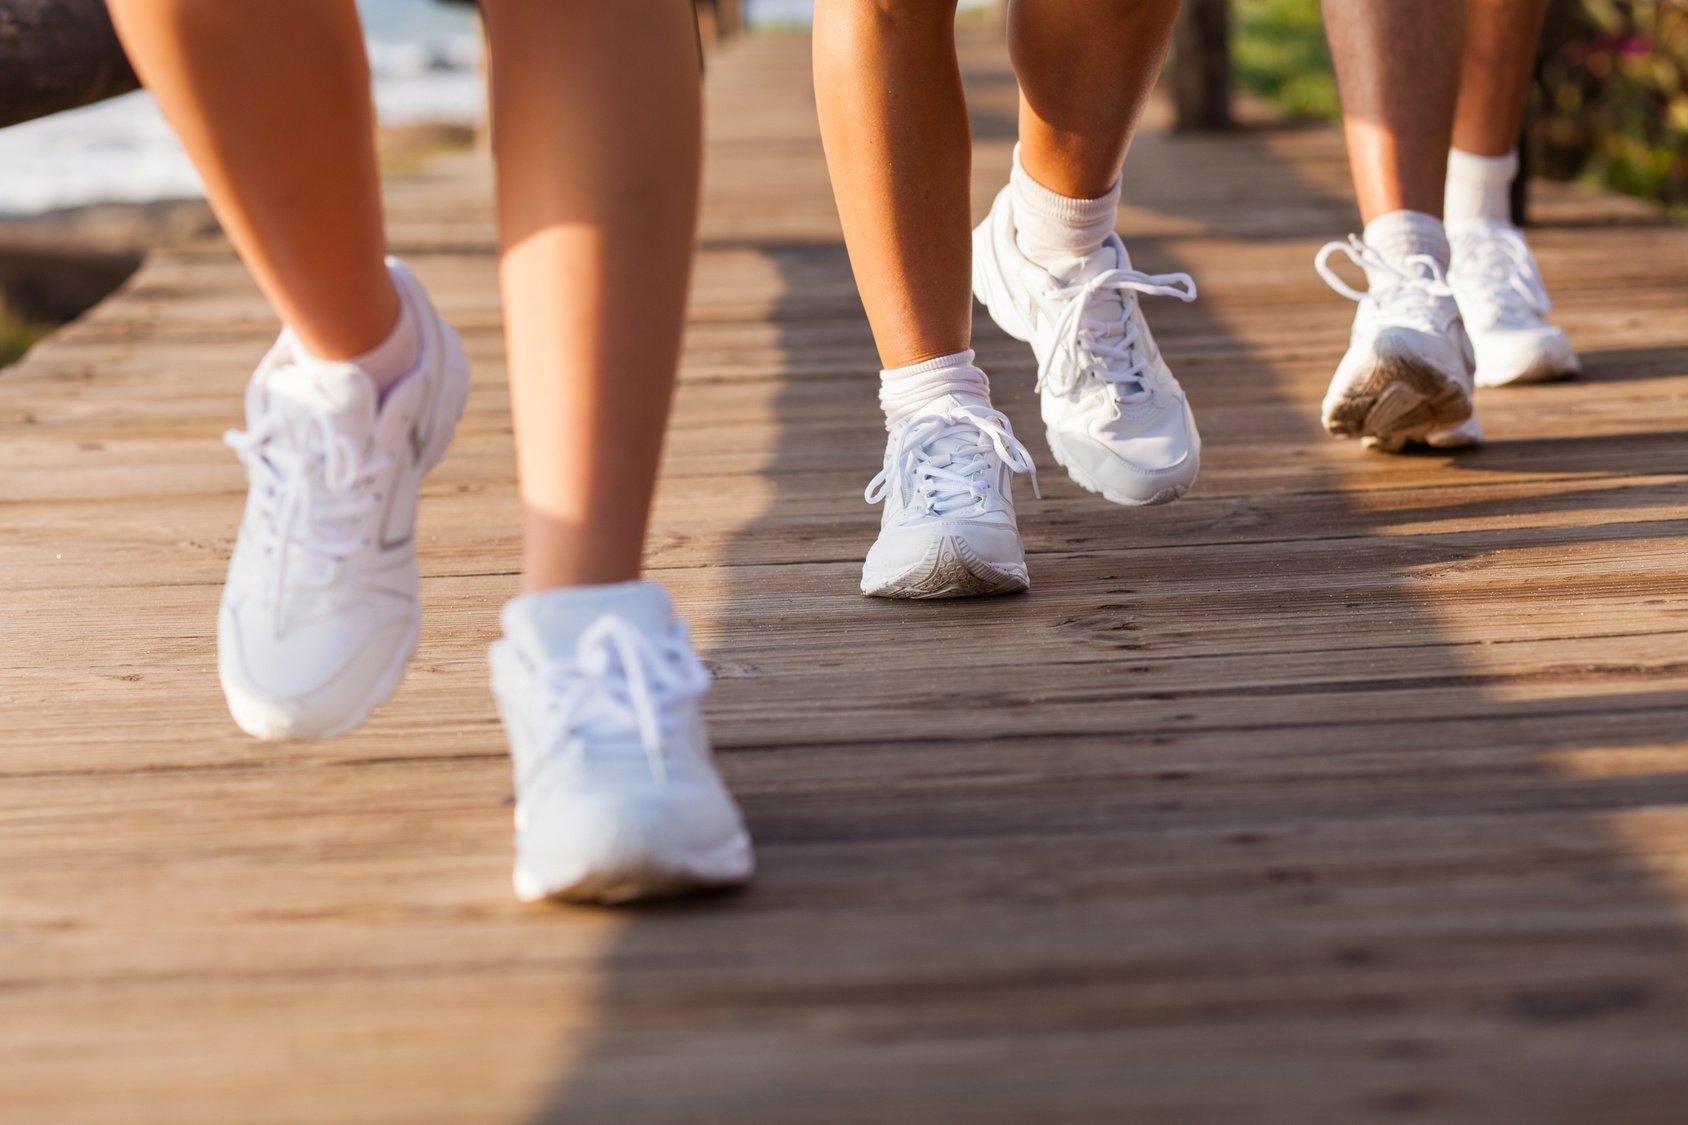 fe41c07b Как выбрать хорошие кроссовки - Моя газета   Моя газета